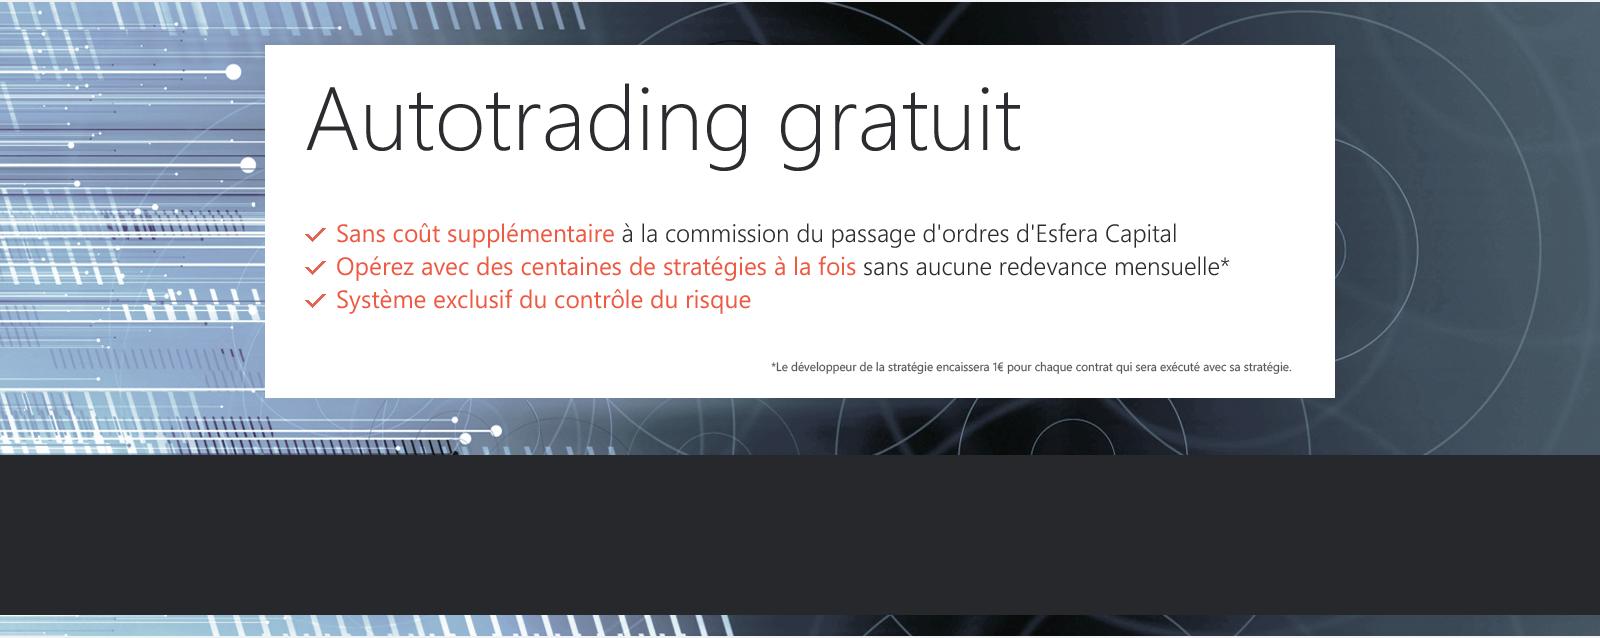 Team Trading - Portefeuilles de stratégies de plusieurs développeurs